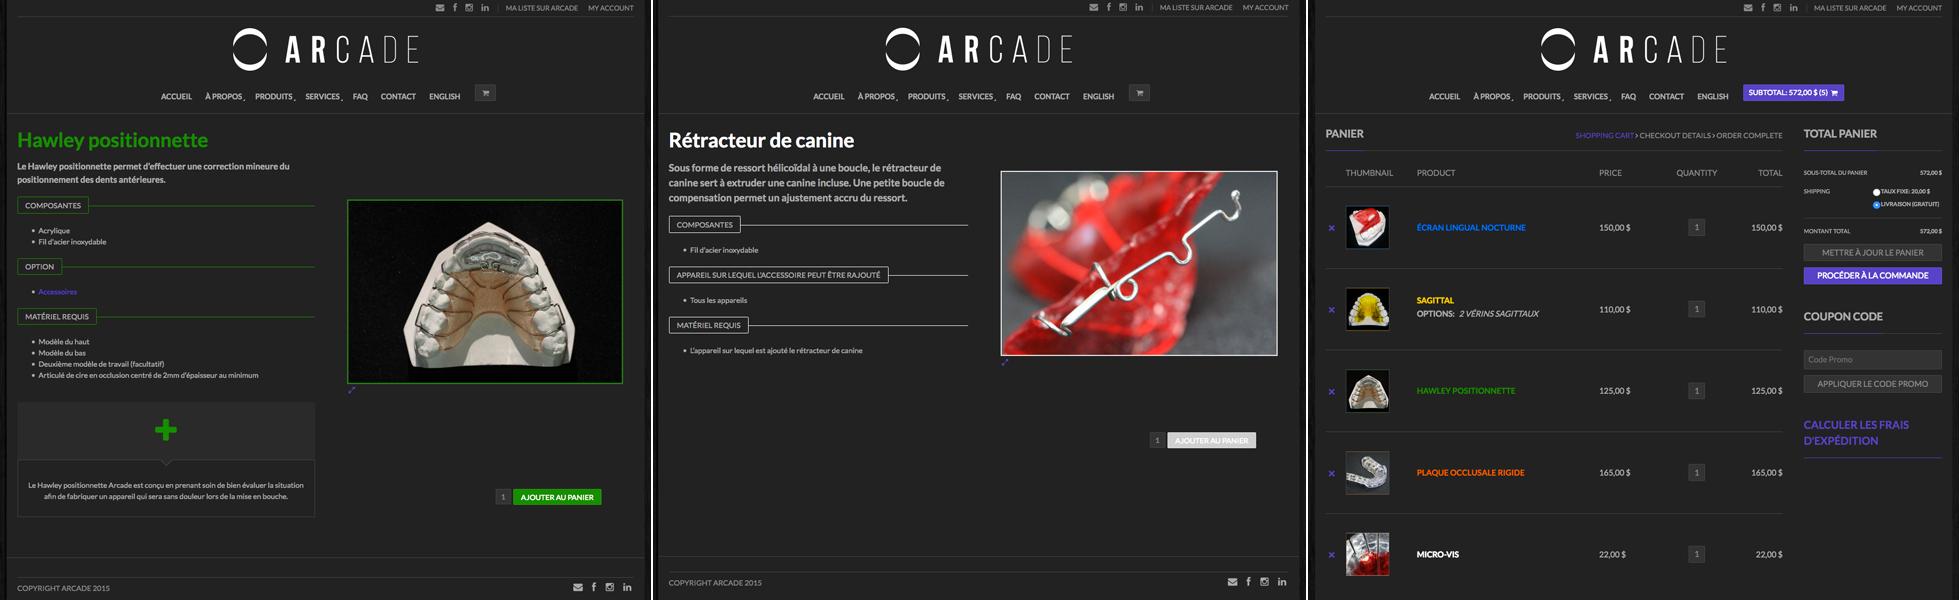 Agitatrice de solutions - Projet Arcade - Web - Vente en ligne - Fiches produits